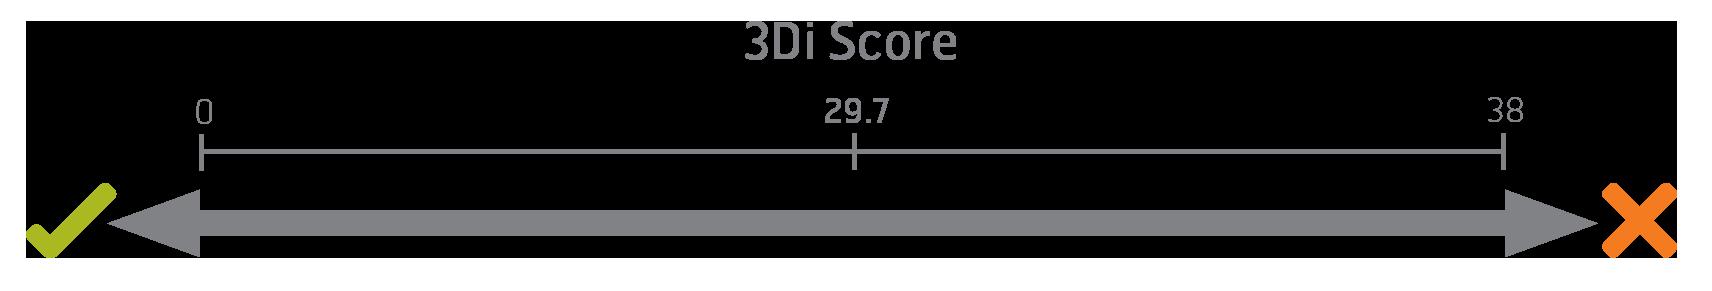 3Di Score